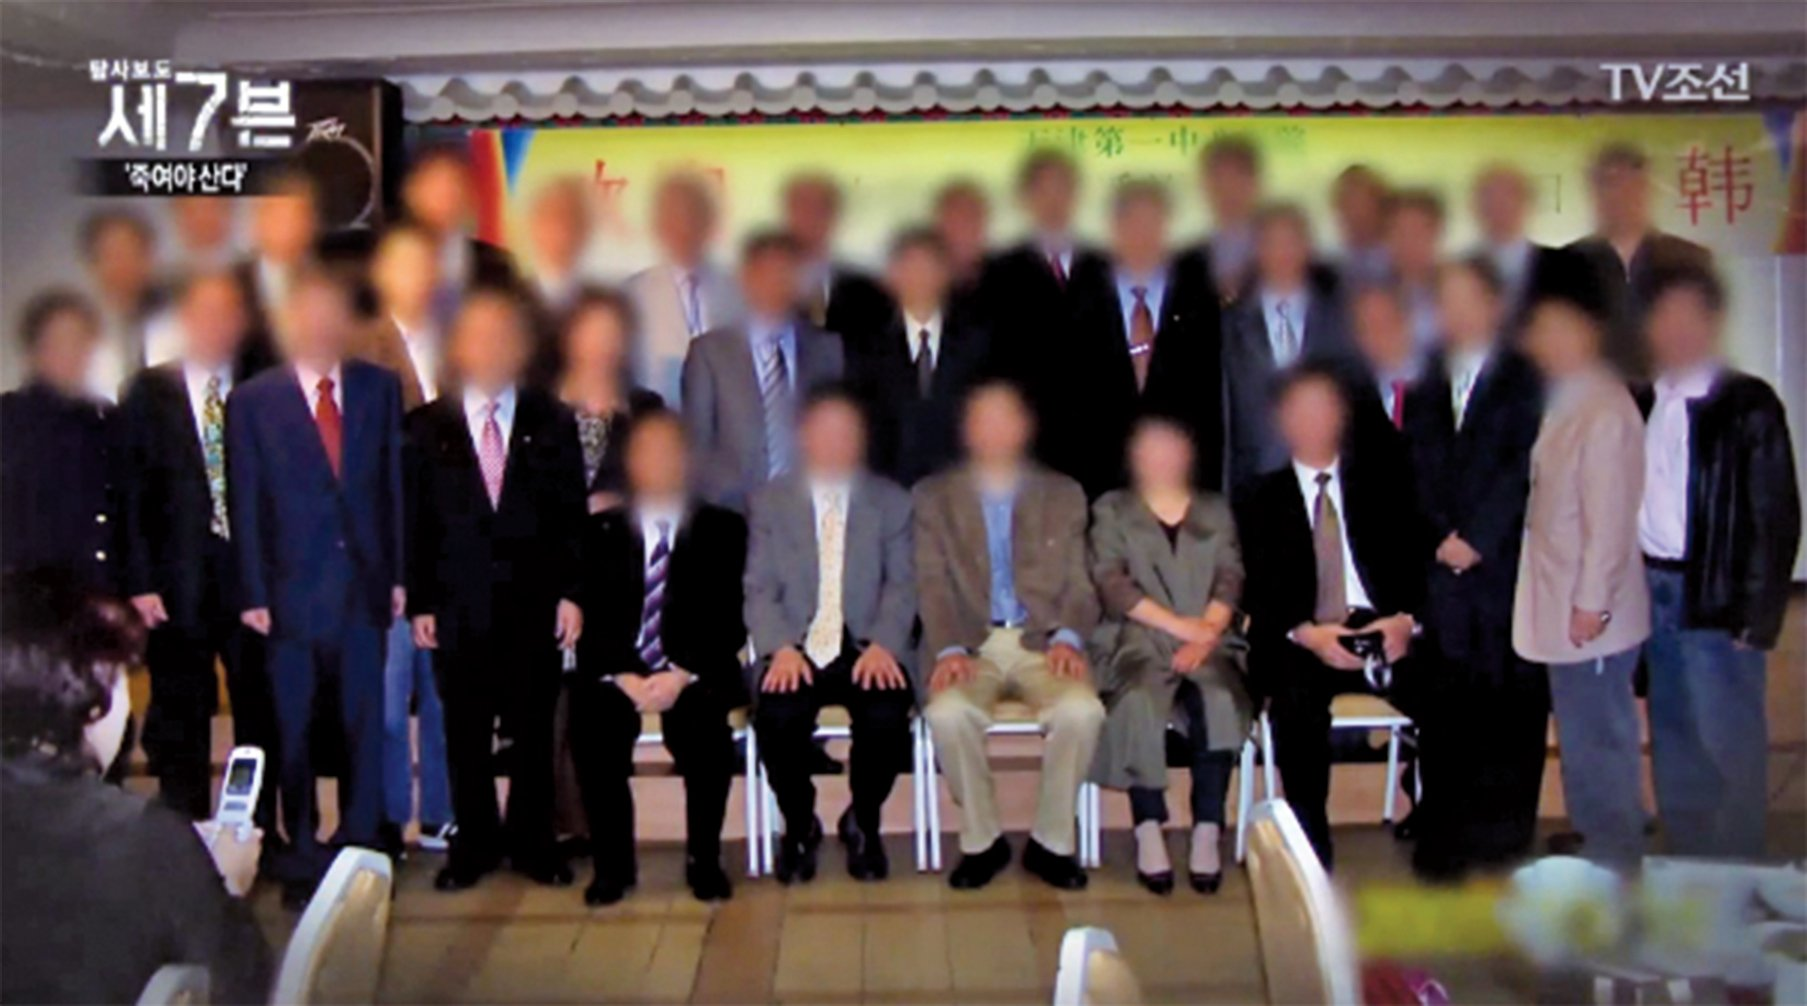 韓中醫療團隊與南韓移植手術病人合影。(TV朝鮮《調查報告7》截圖)